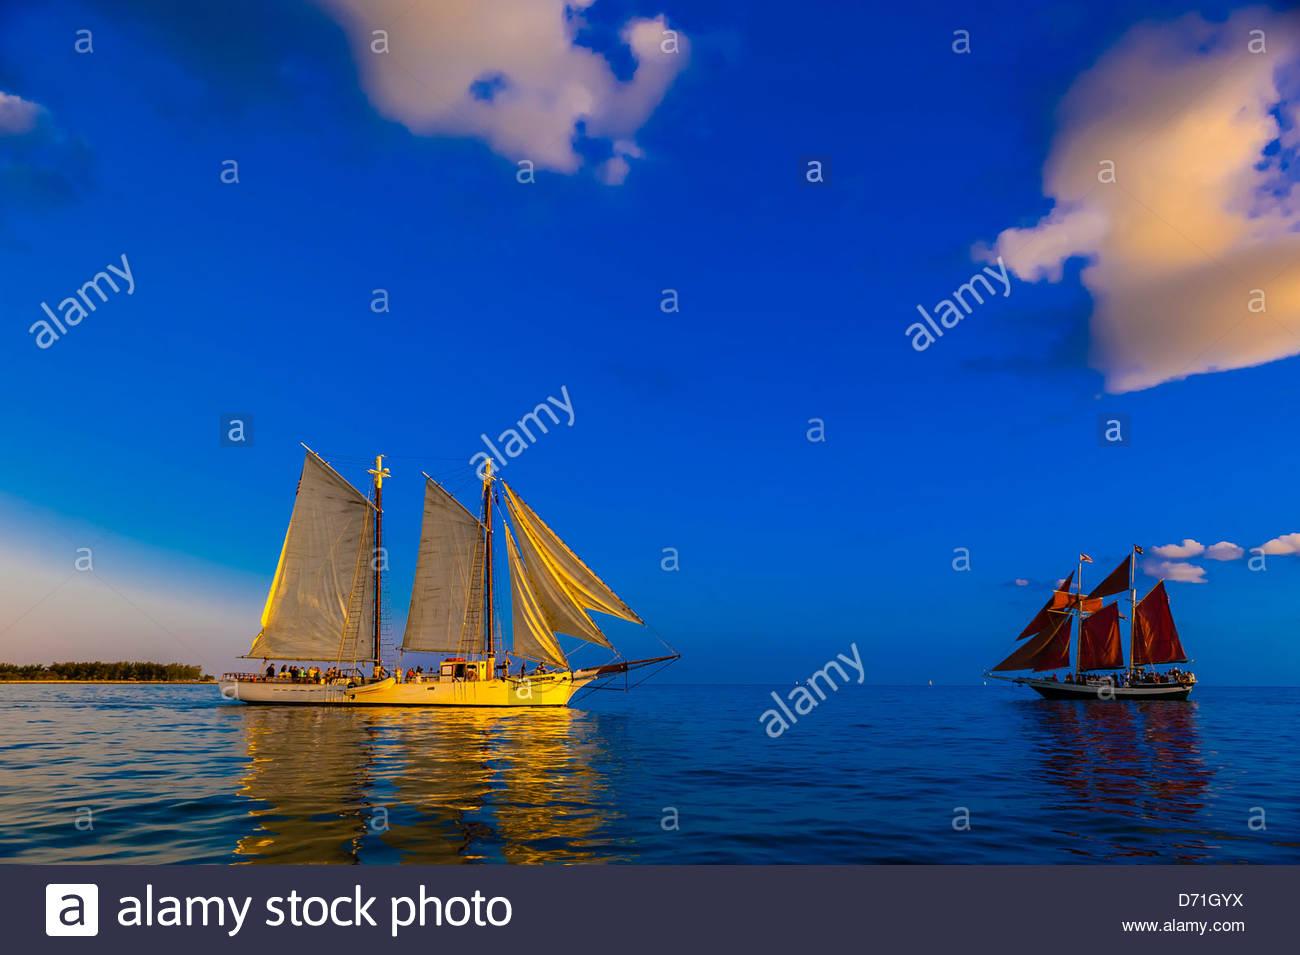 Goleta de Western Union y el Jolly Rover II vela en Key West, Florida Keys, Florida, EE.UU. Imagen De Stock